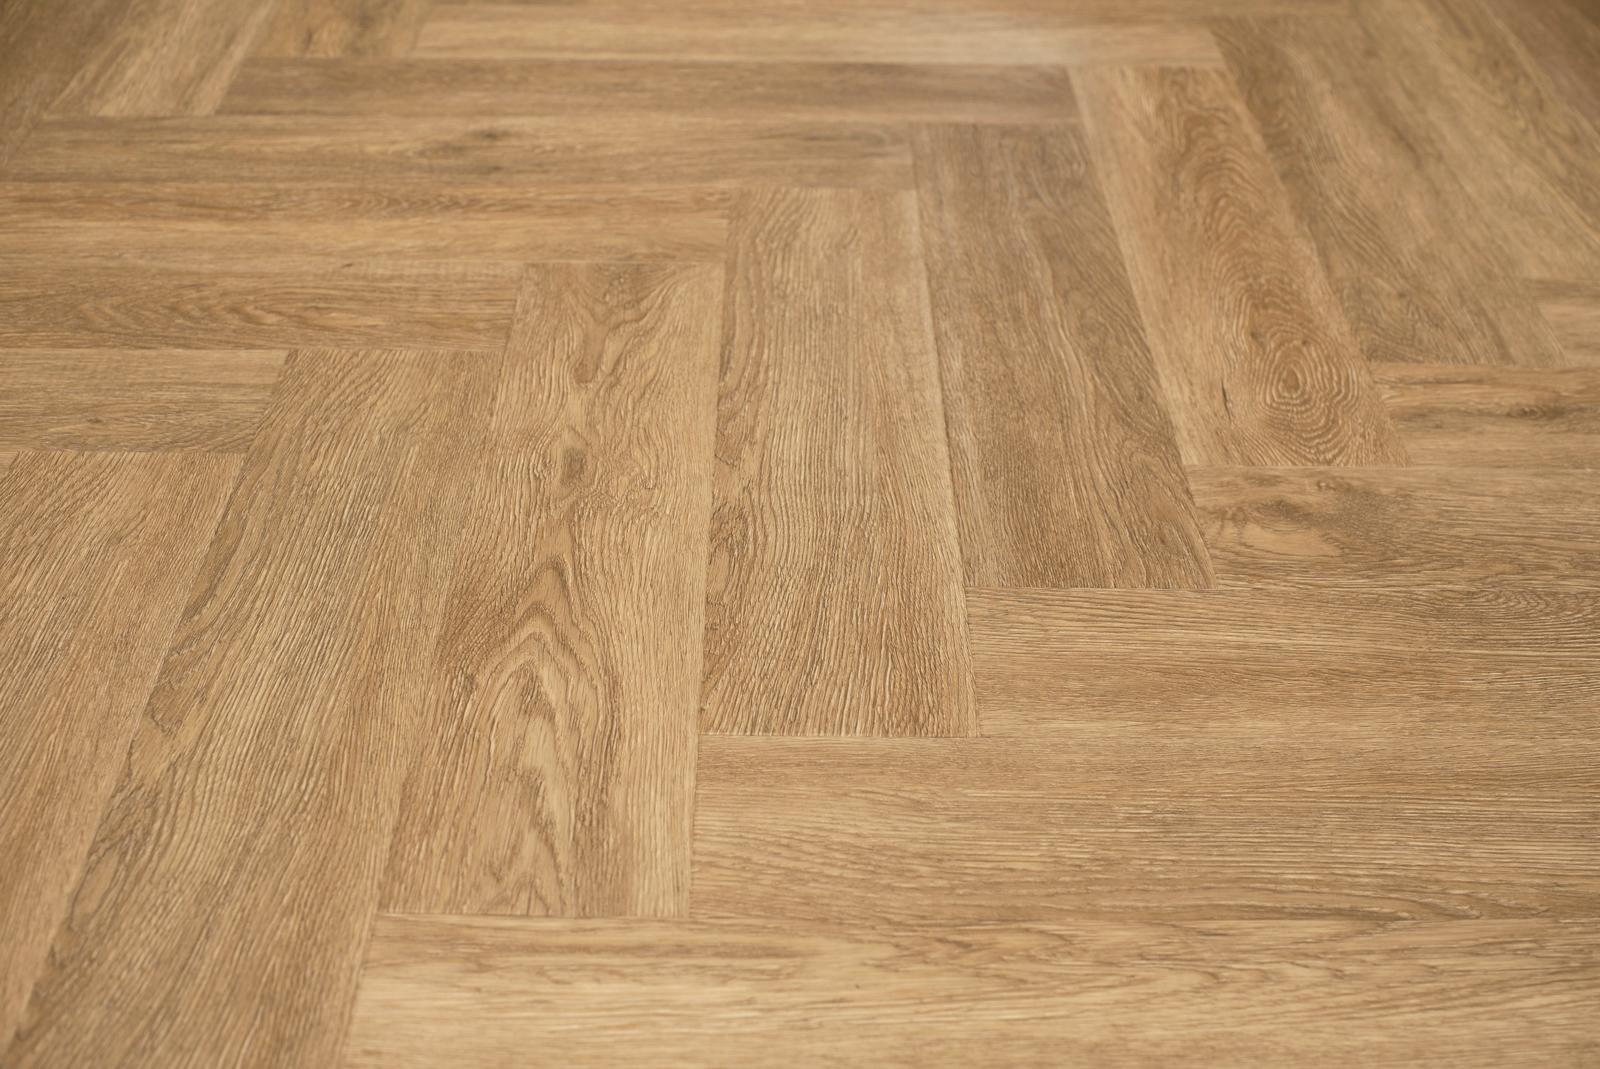 Pvc Visgraat Vloer : Floer visgraat pvc vloer warmbruin eiken visgraat vloeren met v groef